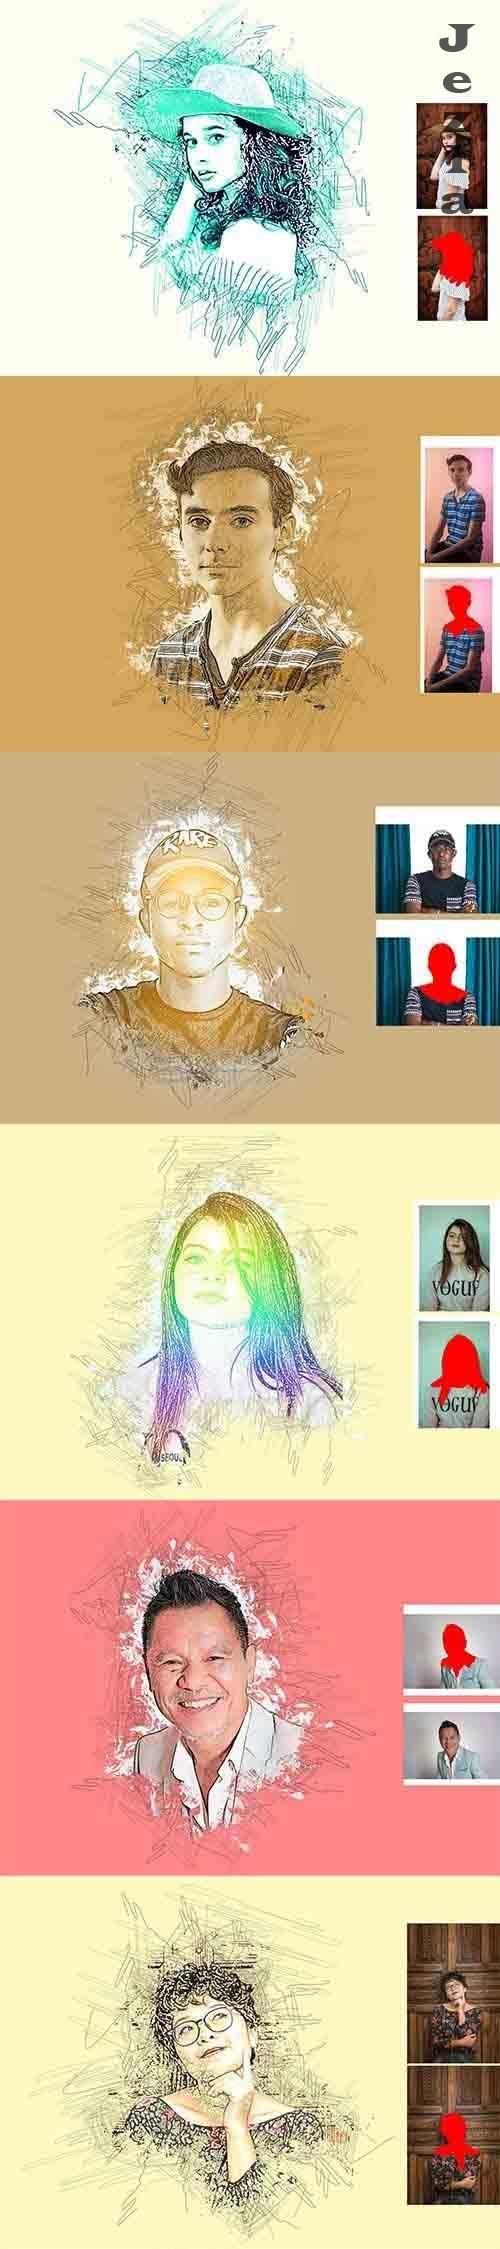 CreativeMarket - PHSP Art Effect 5988940